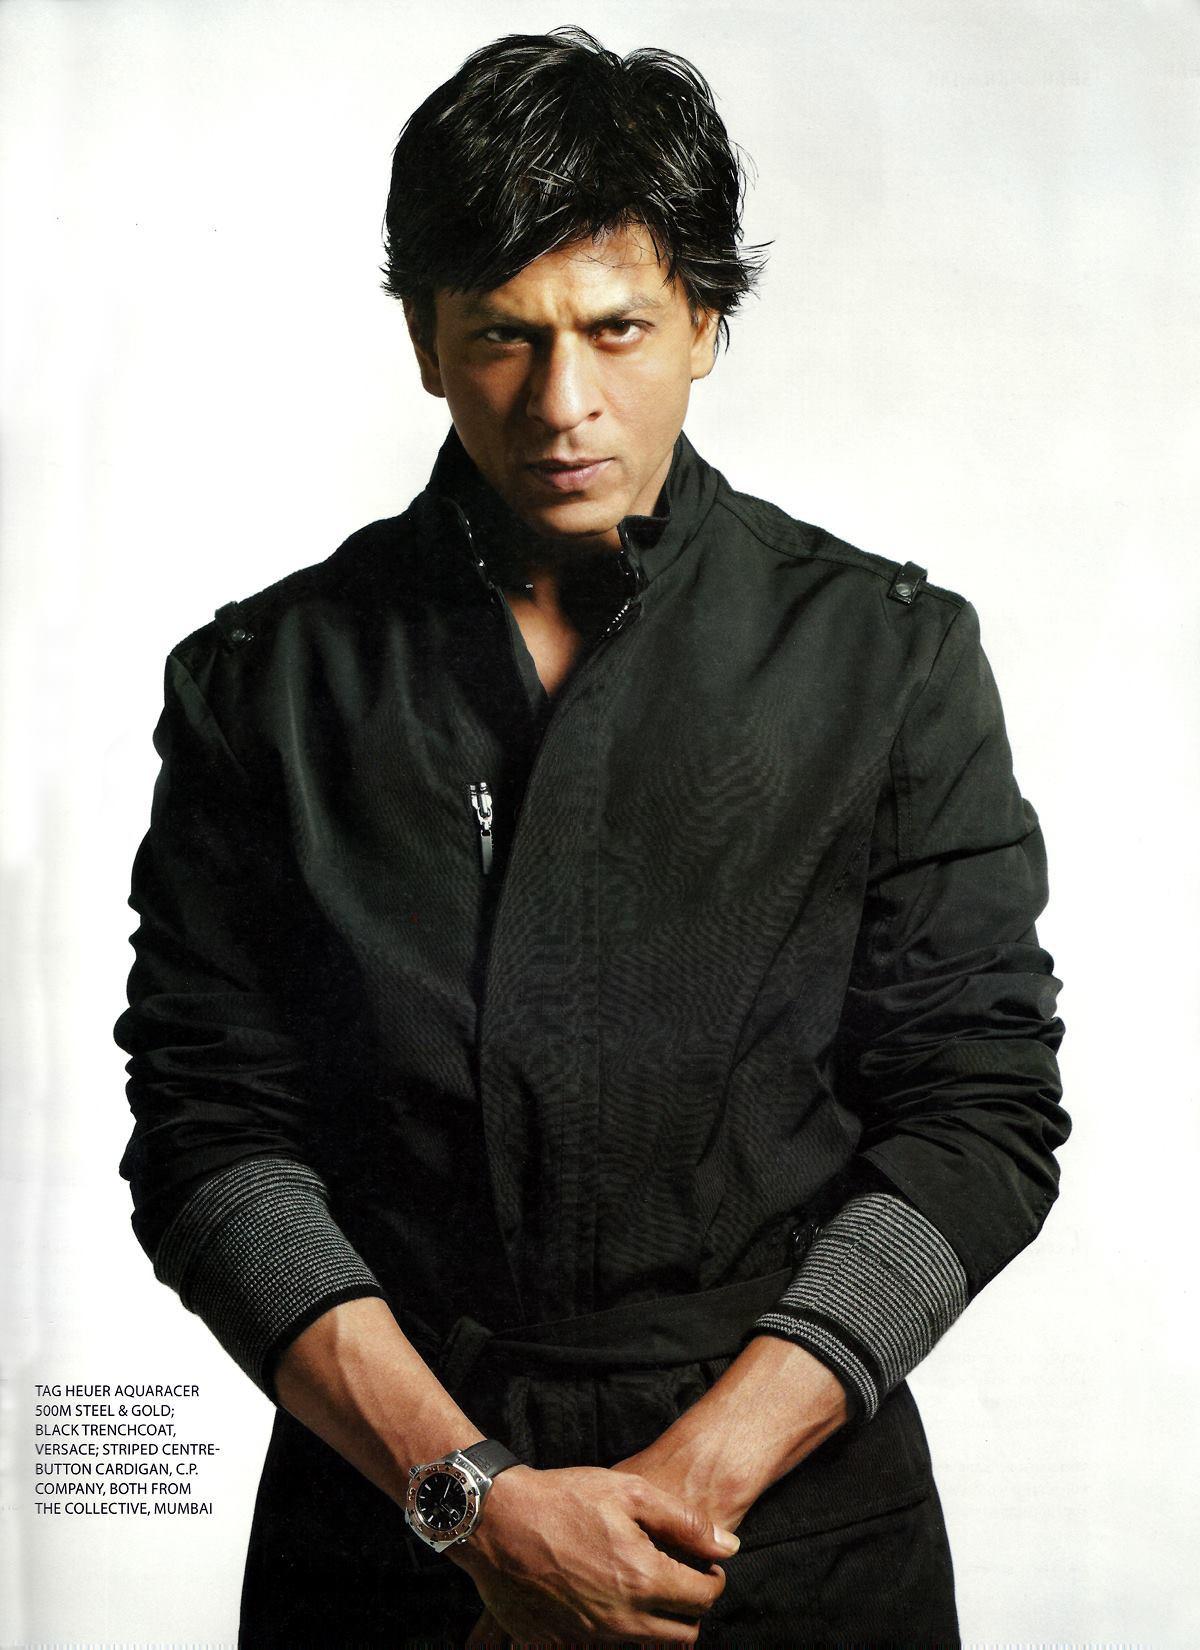 Shahrukh Khan - Stránka 5 Tumblr_m5agbnjkv71r8yayno1_1280